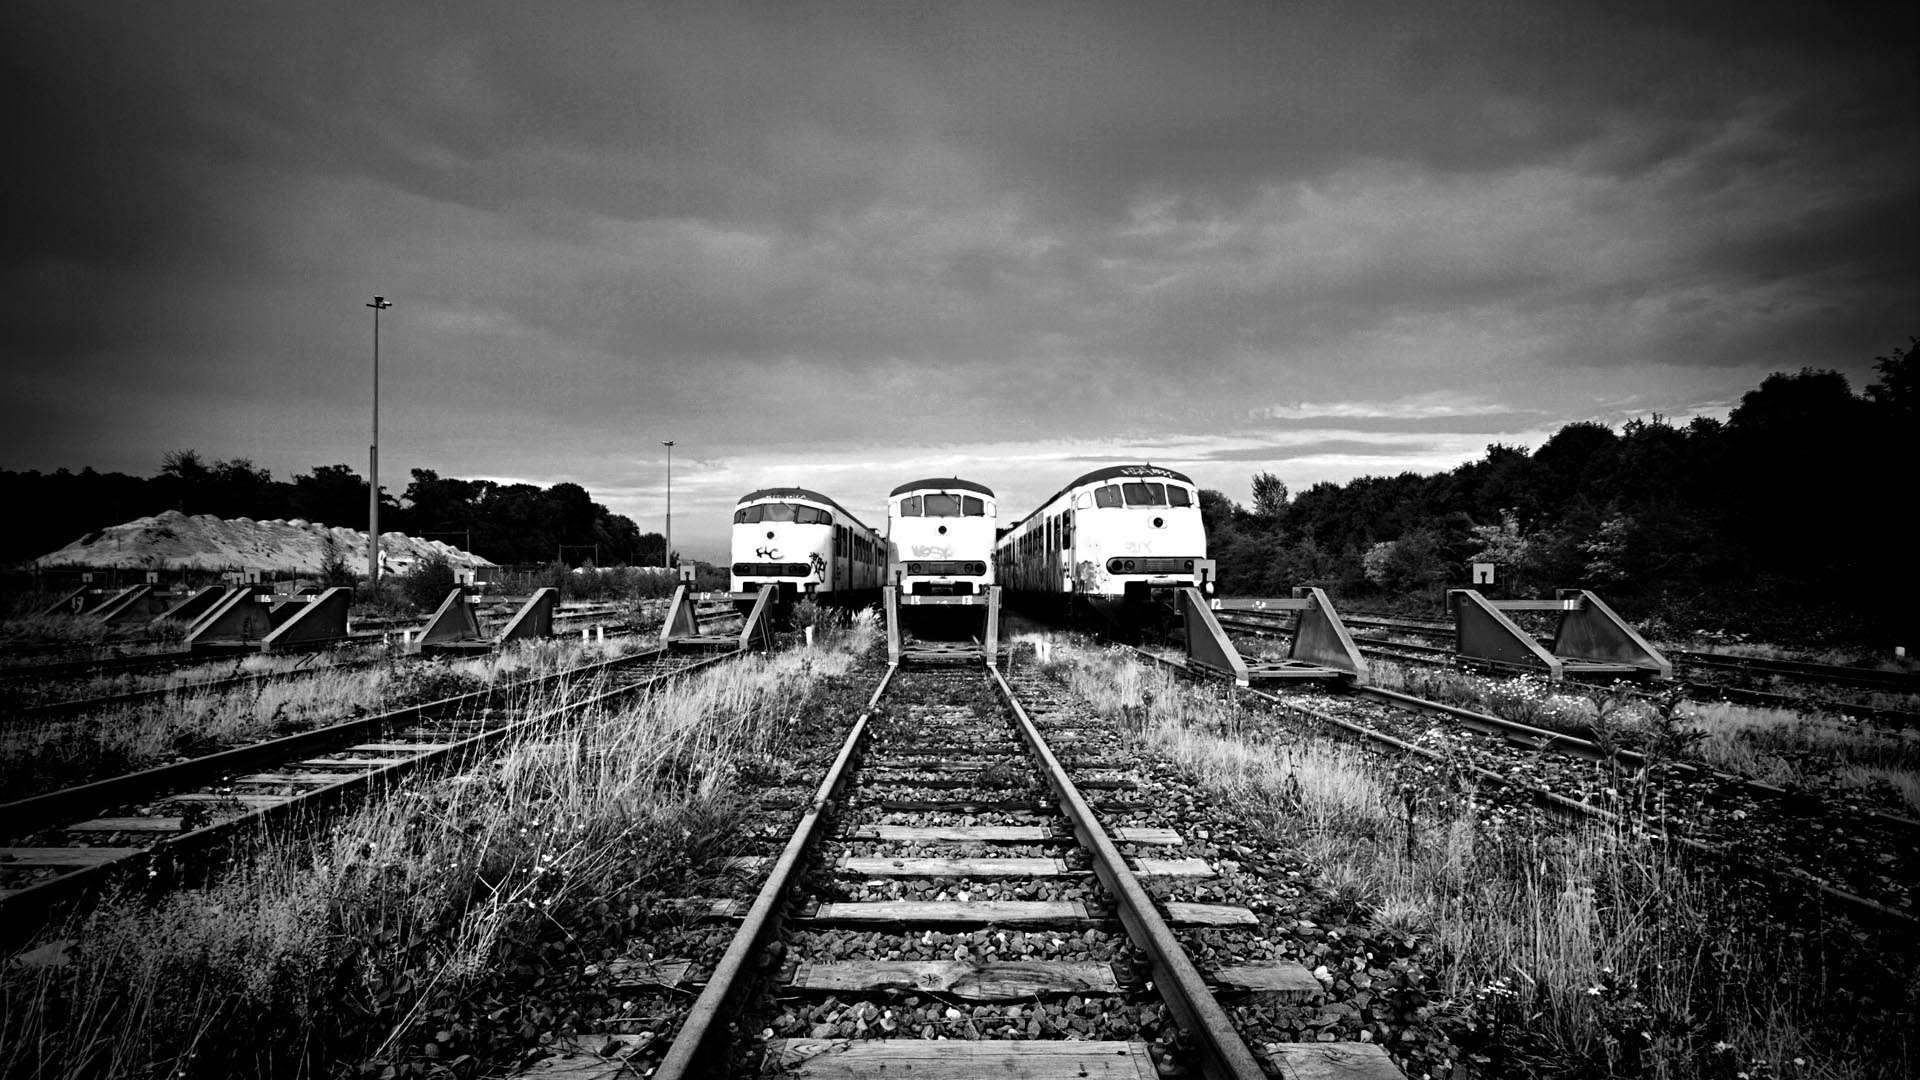 Dutch Railroad Tracks and Trains HD Wallpaper FullHDWpp   Full HD 1920x1080